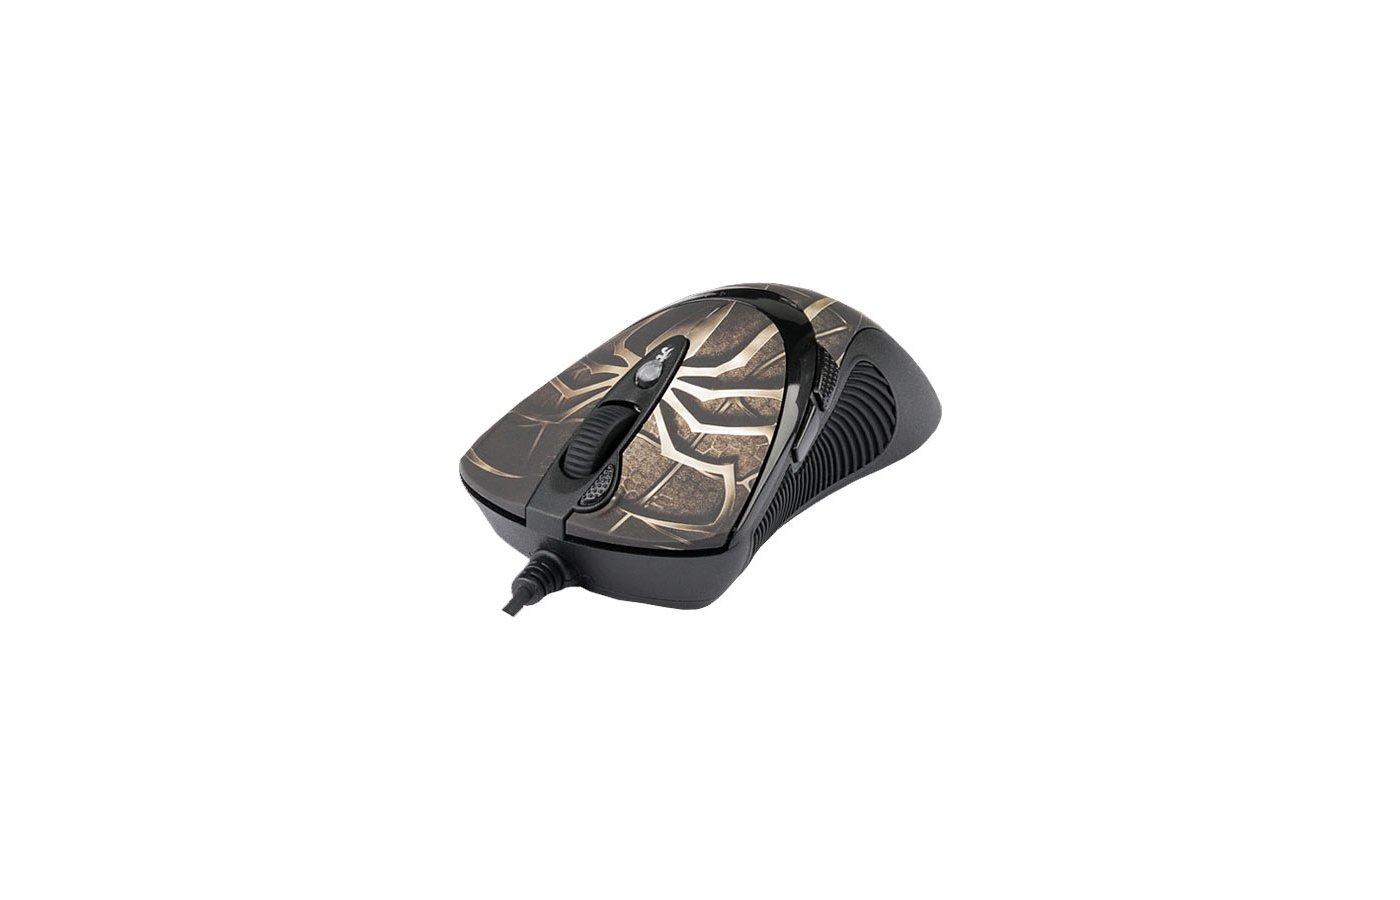 Мышь проводная A4Tech XL-747H Brown Spider USB Anti-Vibrate